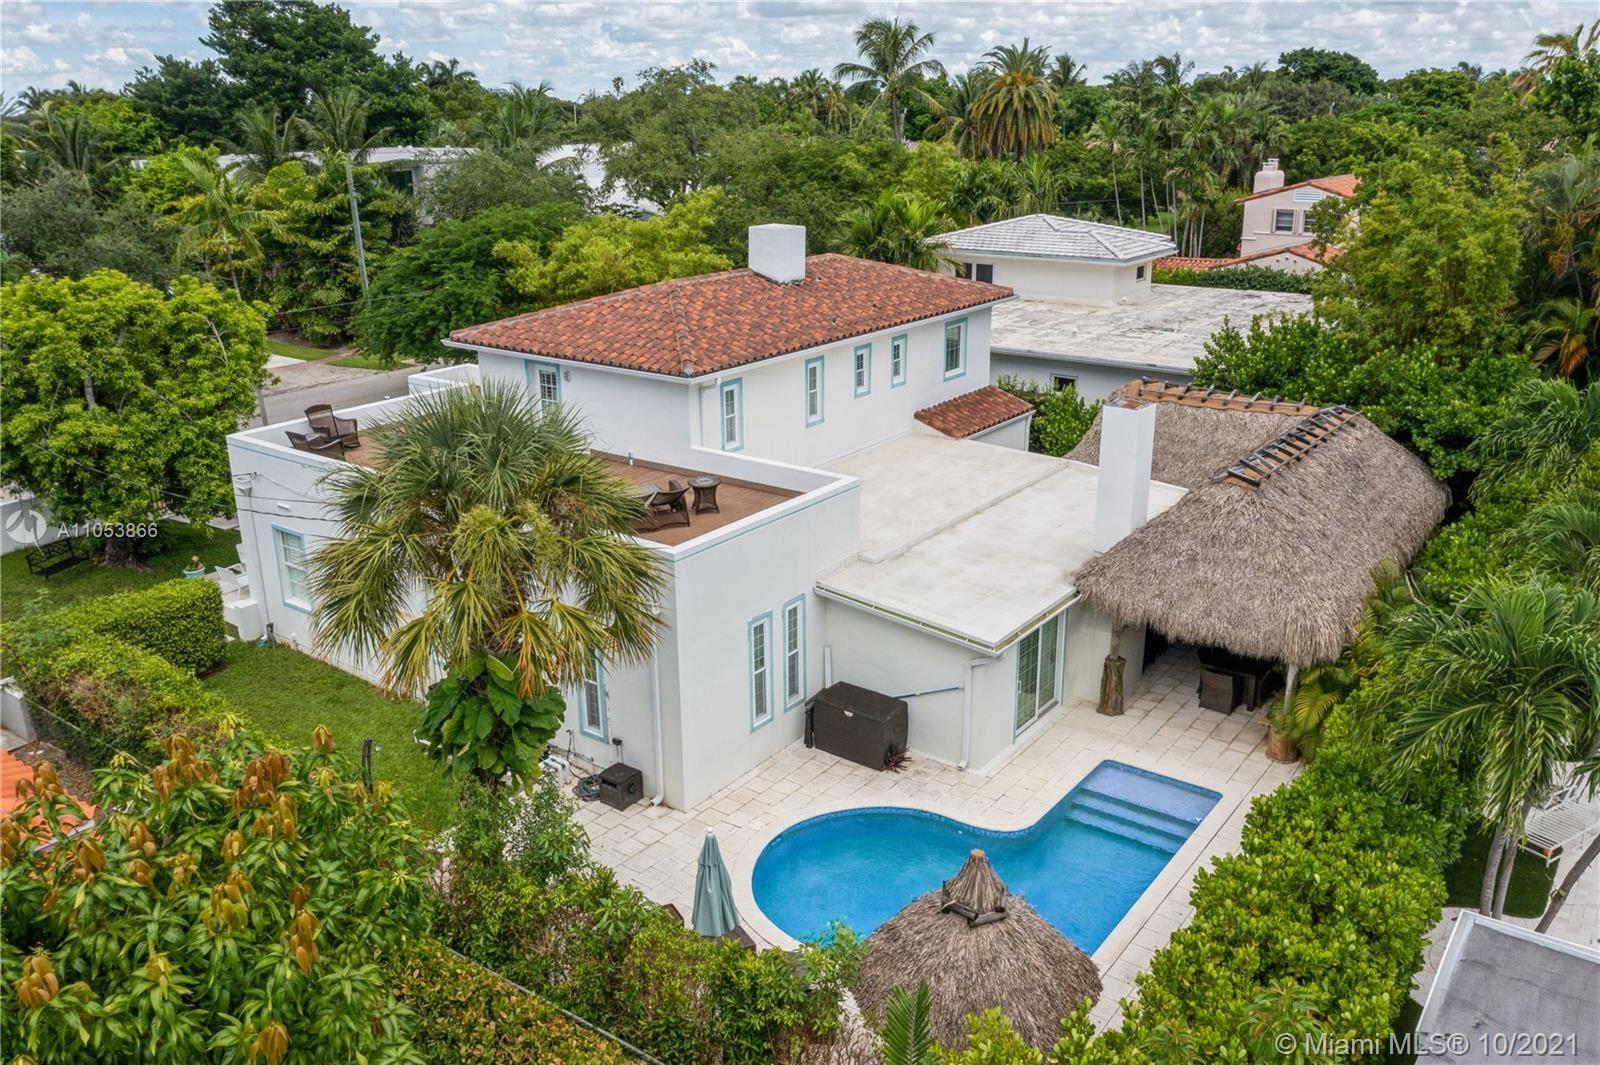 4321 Nautilus Dr, Miami Beach, FL 33140 - #: A11053866